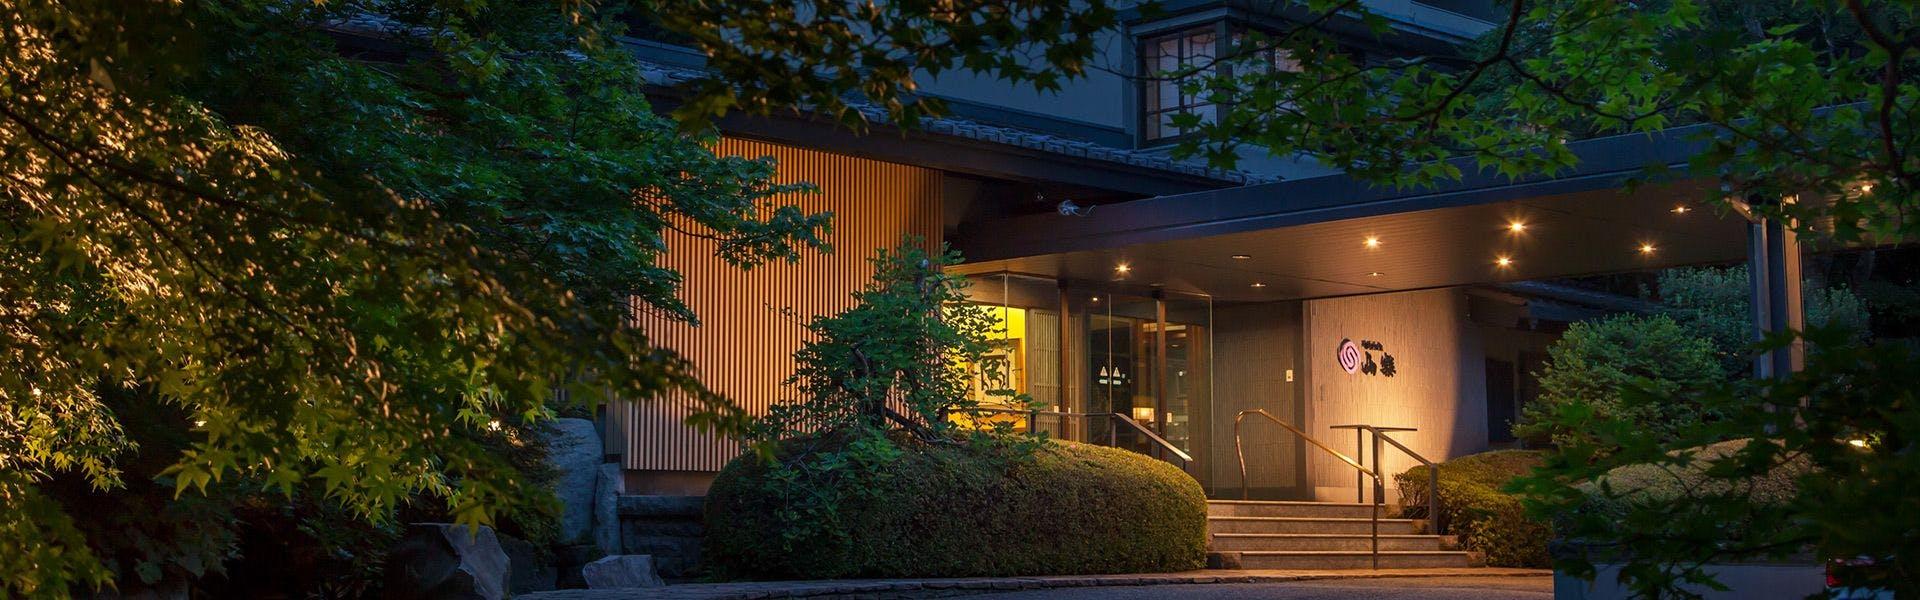 記念日におすすめのホテル・那須温泉 山楽の写真2